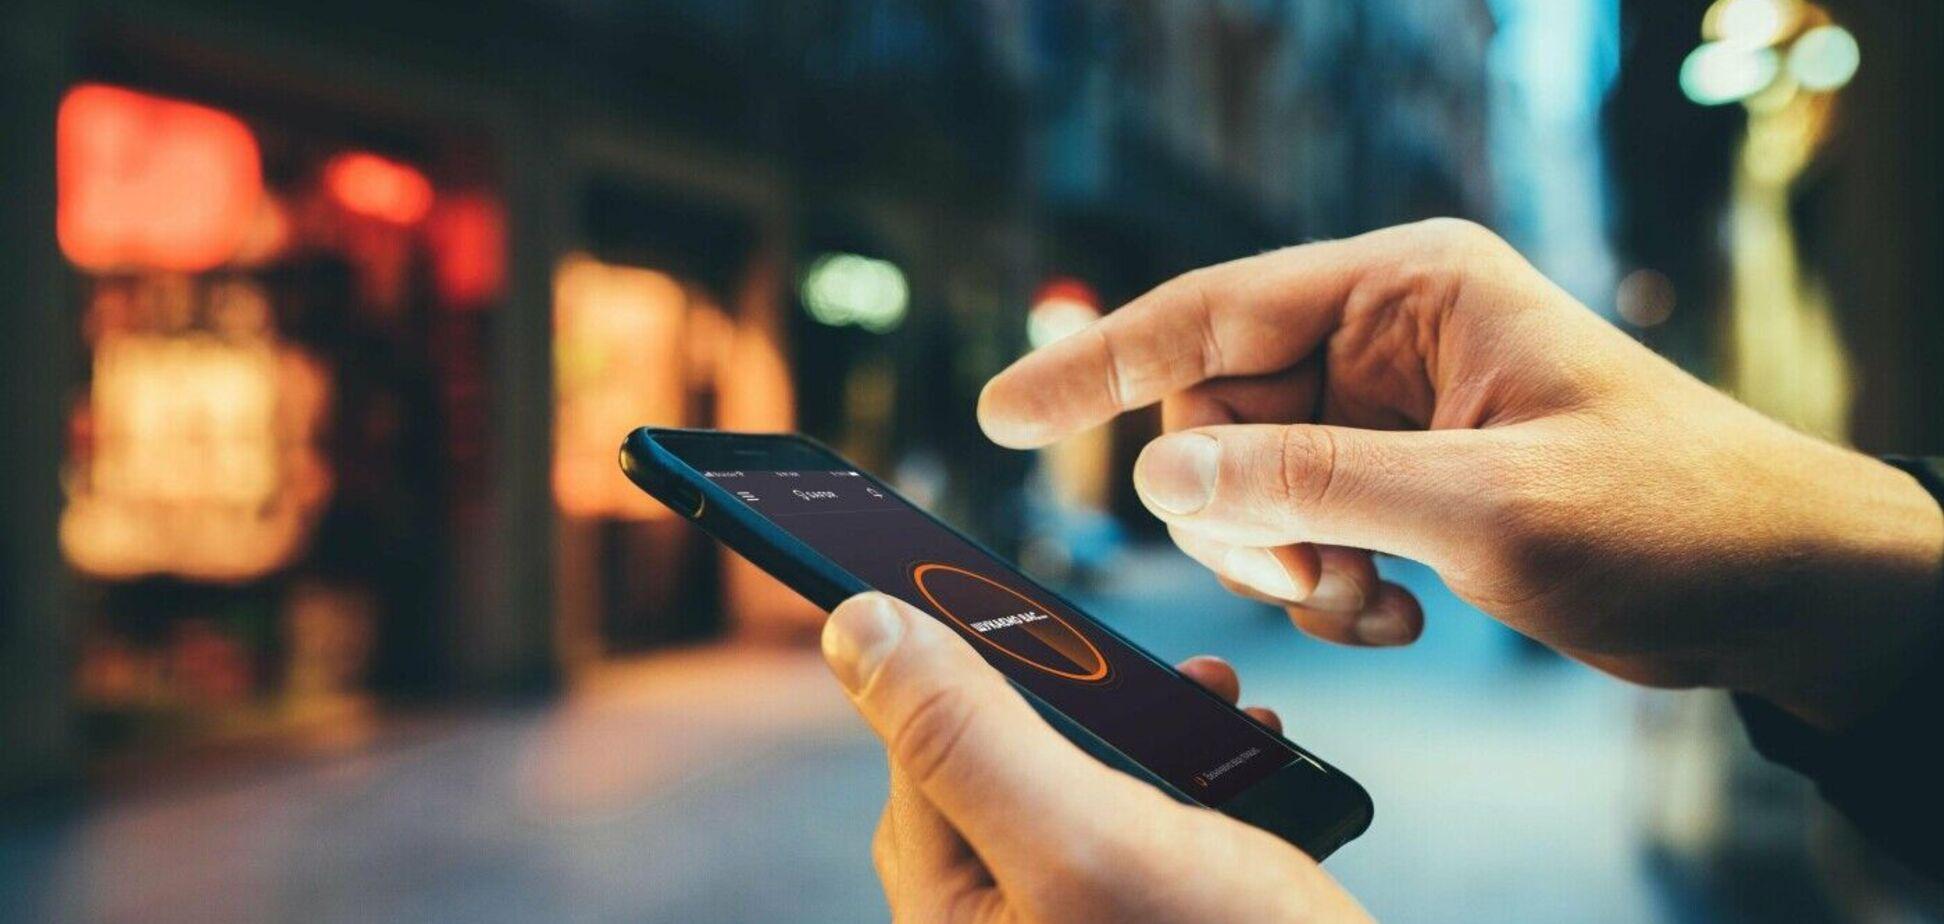 Особиста безпека в смартфоні: як працює додаток Safor